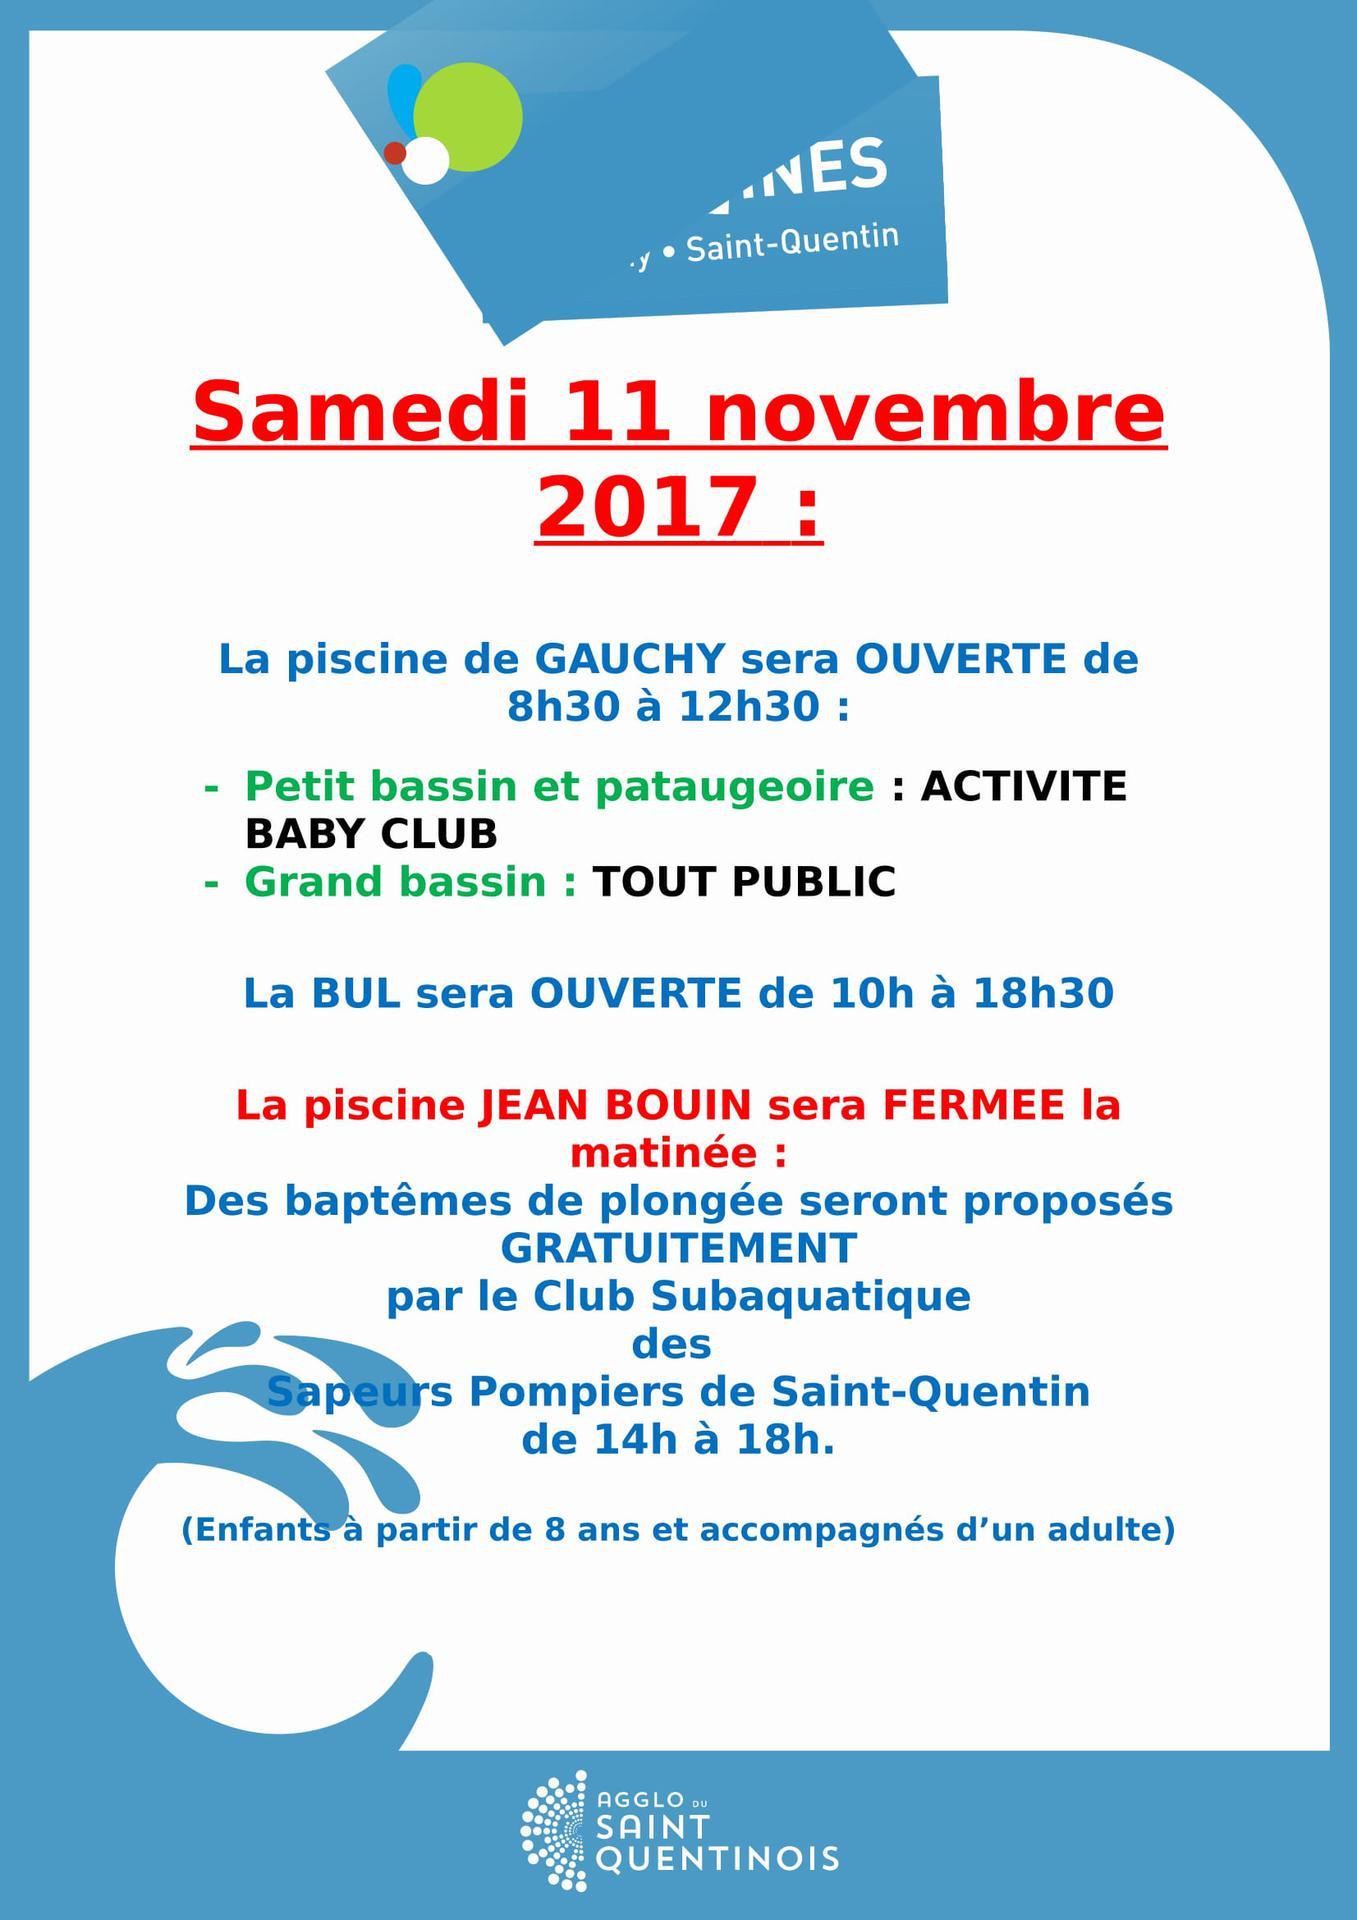 Piscines et la bul saint quentin site internet - Piscine jean bouin 02100 ...